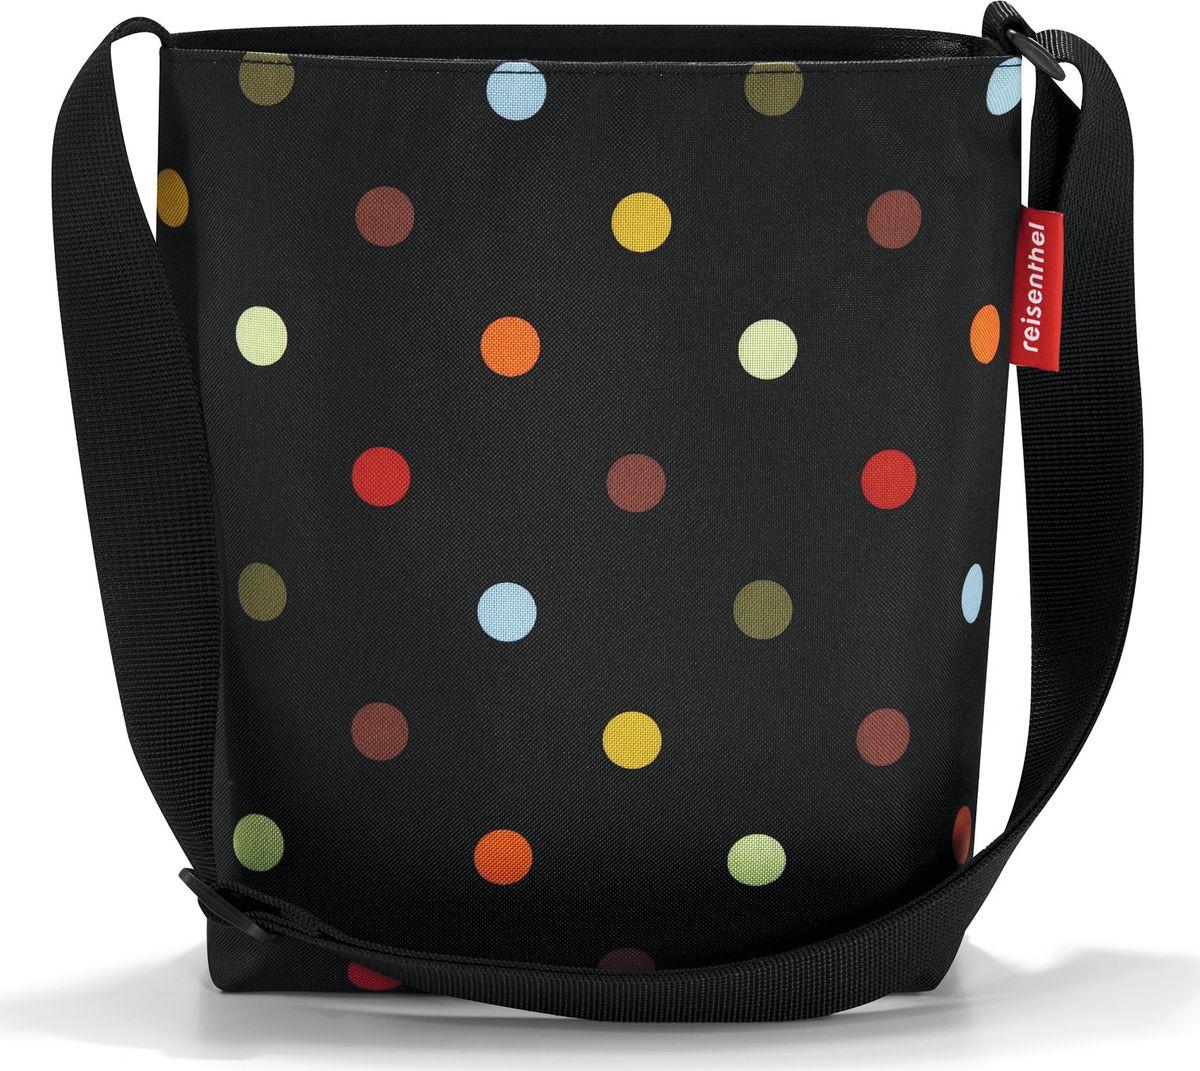 Сумка женская Reisenthel Shoulderbag S, цвет: черный. HY7009RivaCase 8460 blackПростая, но очень вместительная сумка на плечо. Сочетание нескольких цветов позволяет носить сумку со множеством самых разных нарядов, не изменяя собственному стилю.Застегивается на молнию. Широкий удобный ремень регулируемой длины.